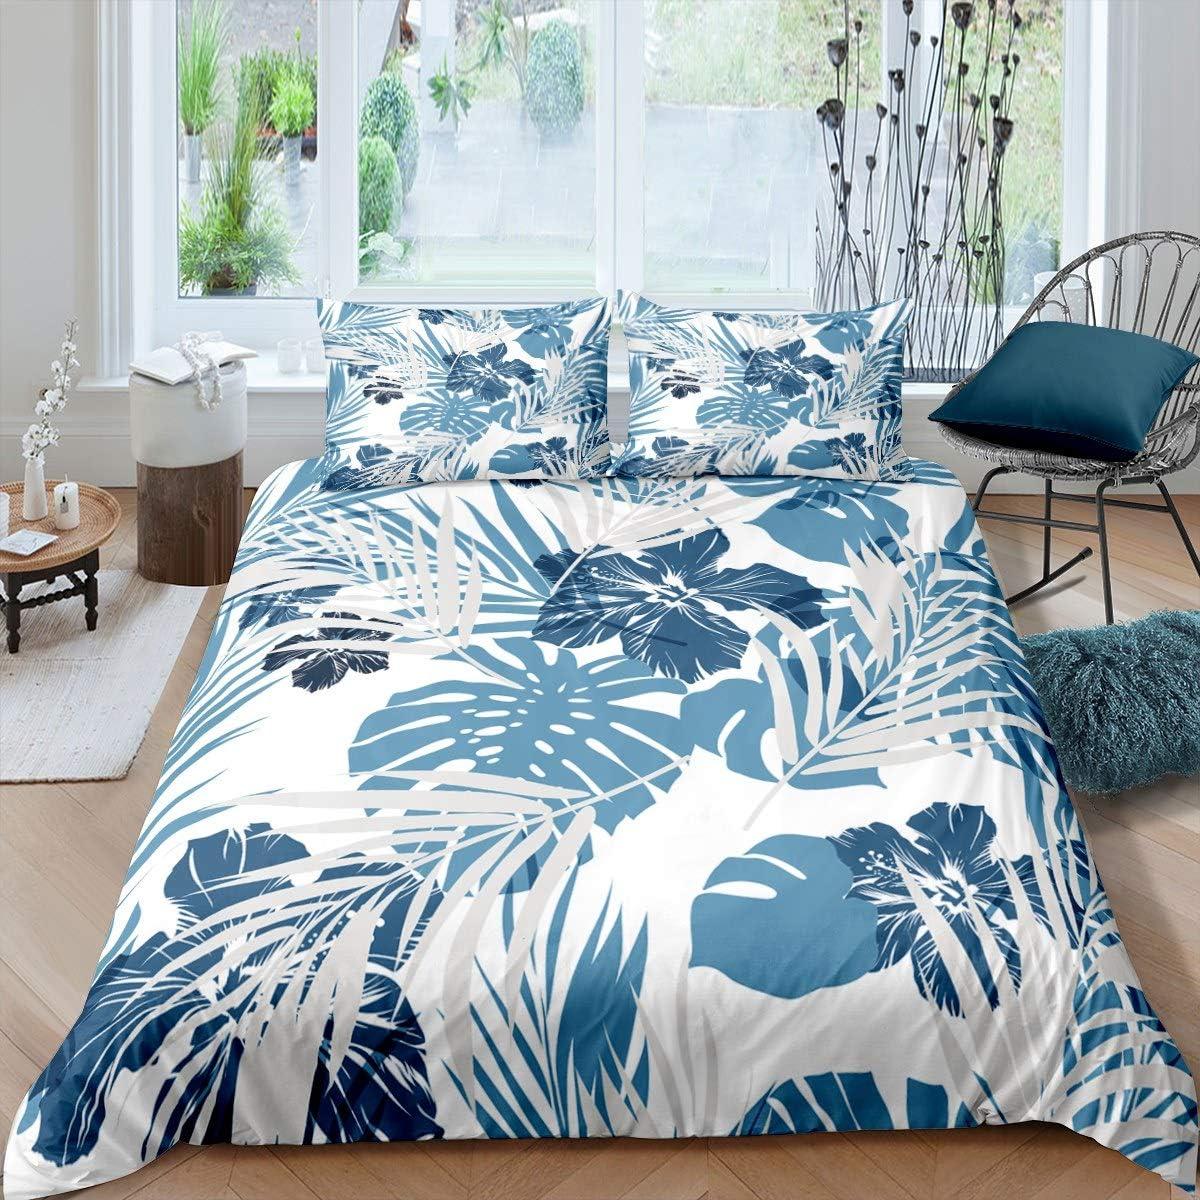 Duvet Cover Set King Size Branch Bedspre OFFer Light Pant Mint Max 45% OFF 3D Blue